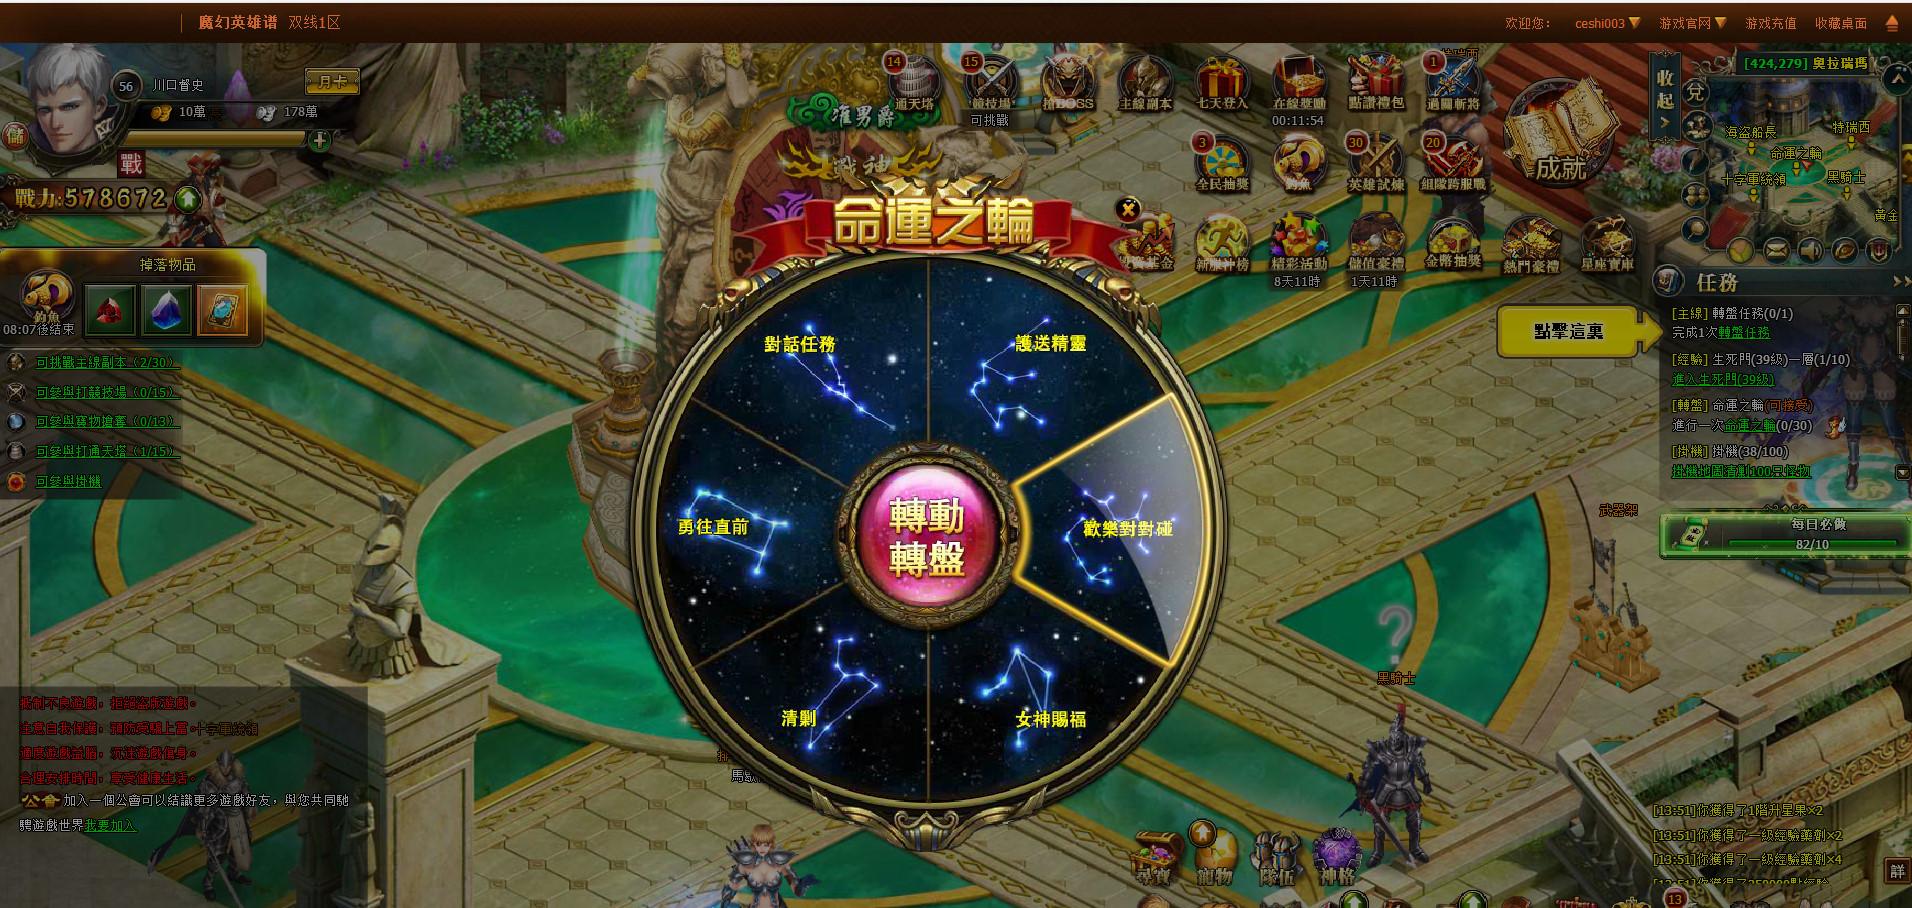 《魔幻英雄谱》游戏截图